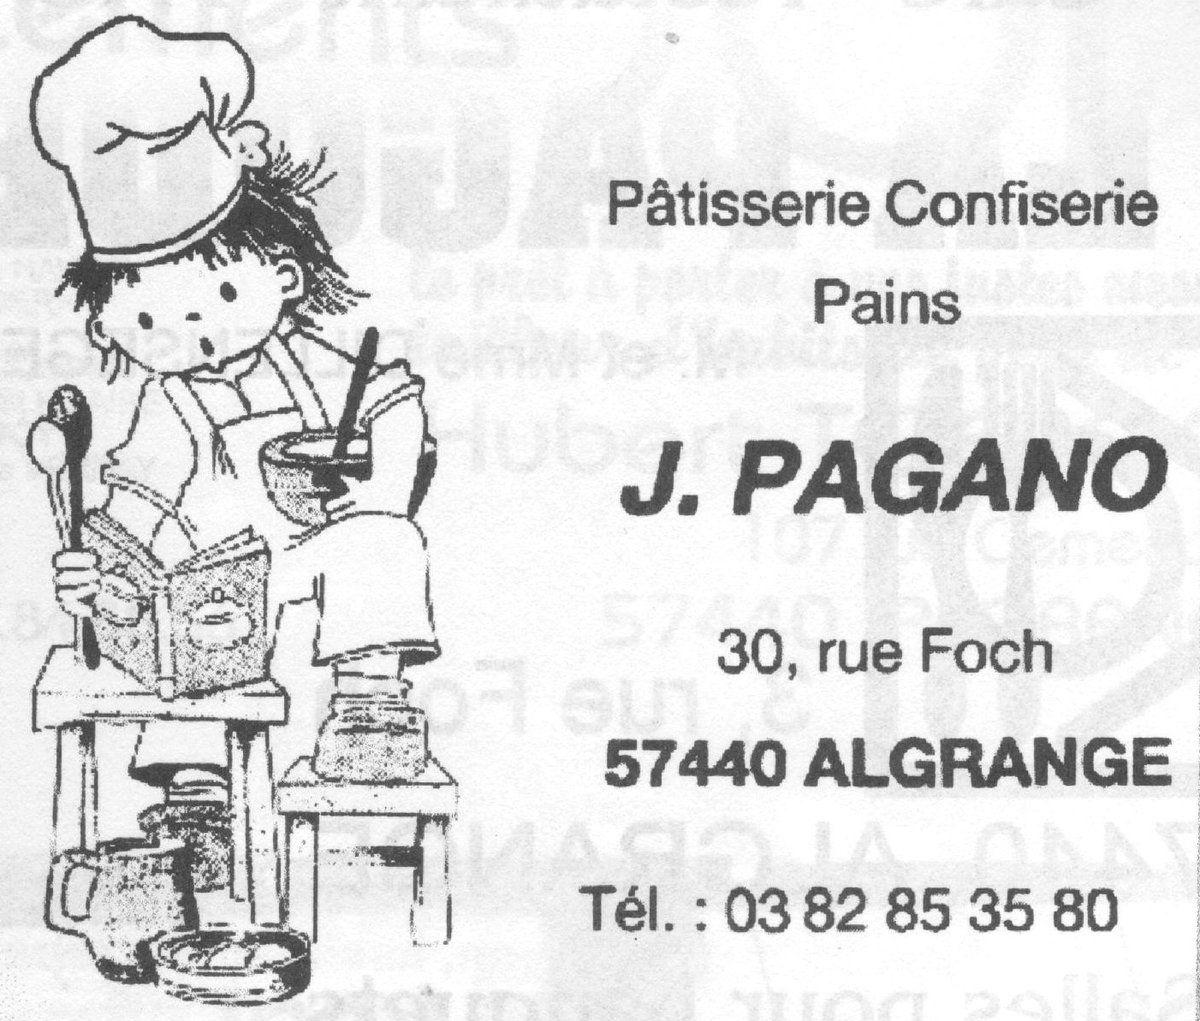 Publicités de 1987 et 1996